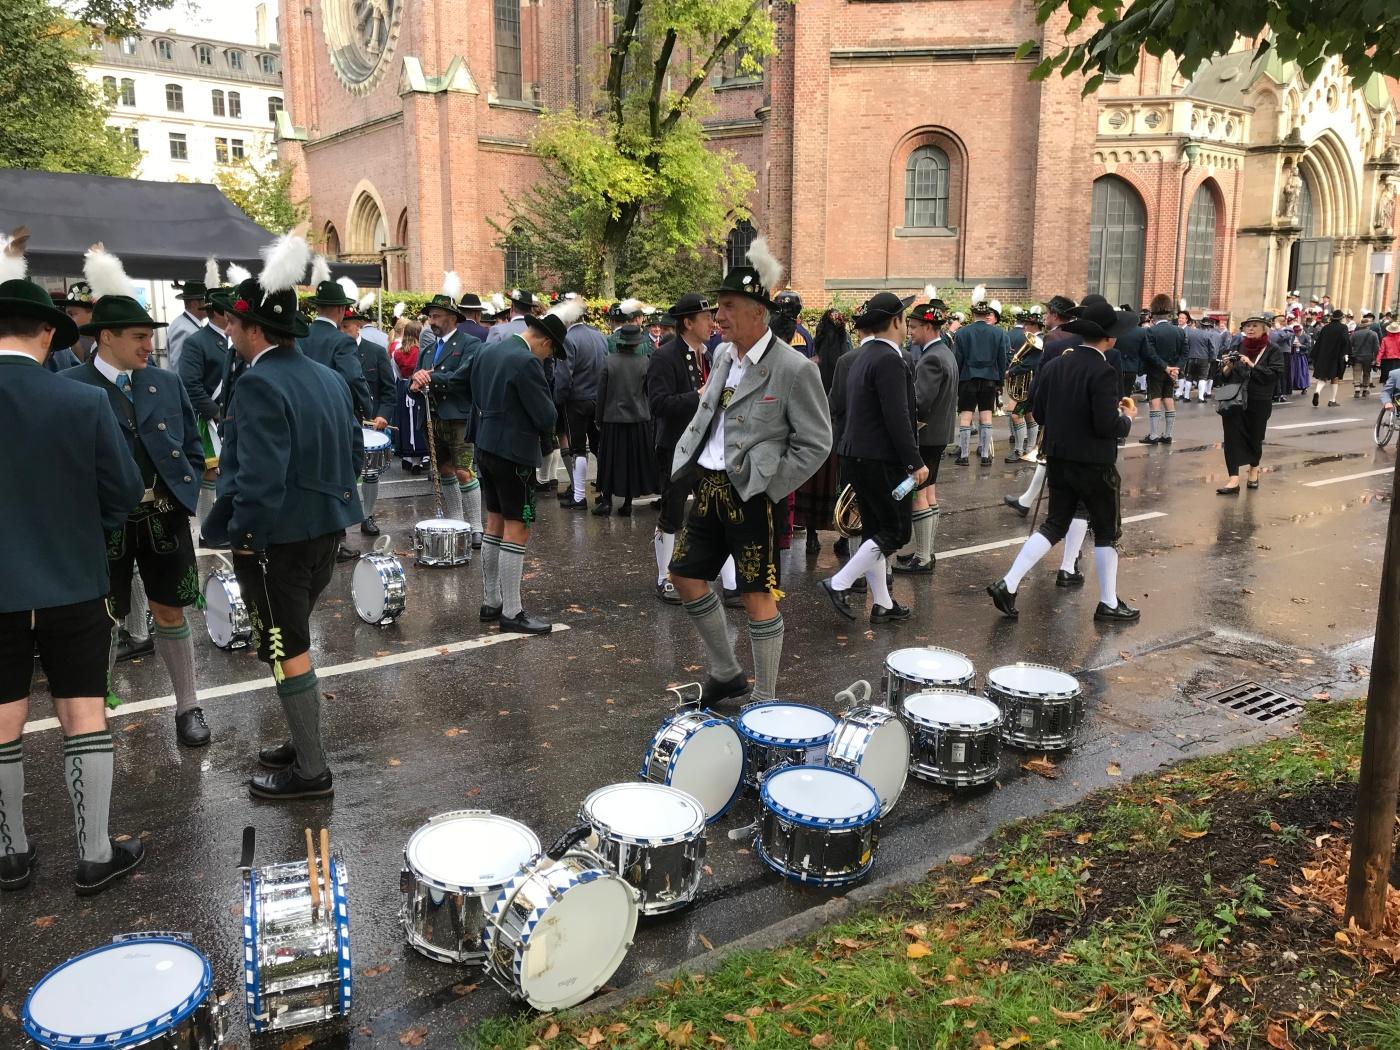 Trachten- und Schützenzug - Munich - Octoberfest 2018 - Wahlmünchnerin - Man Waiting by Drums